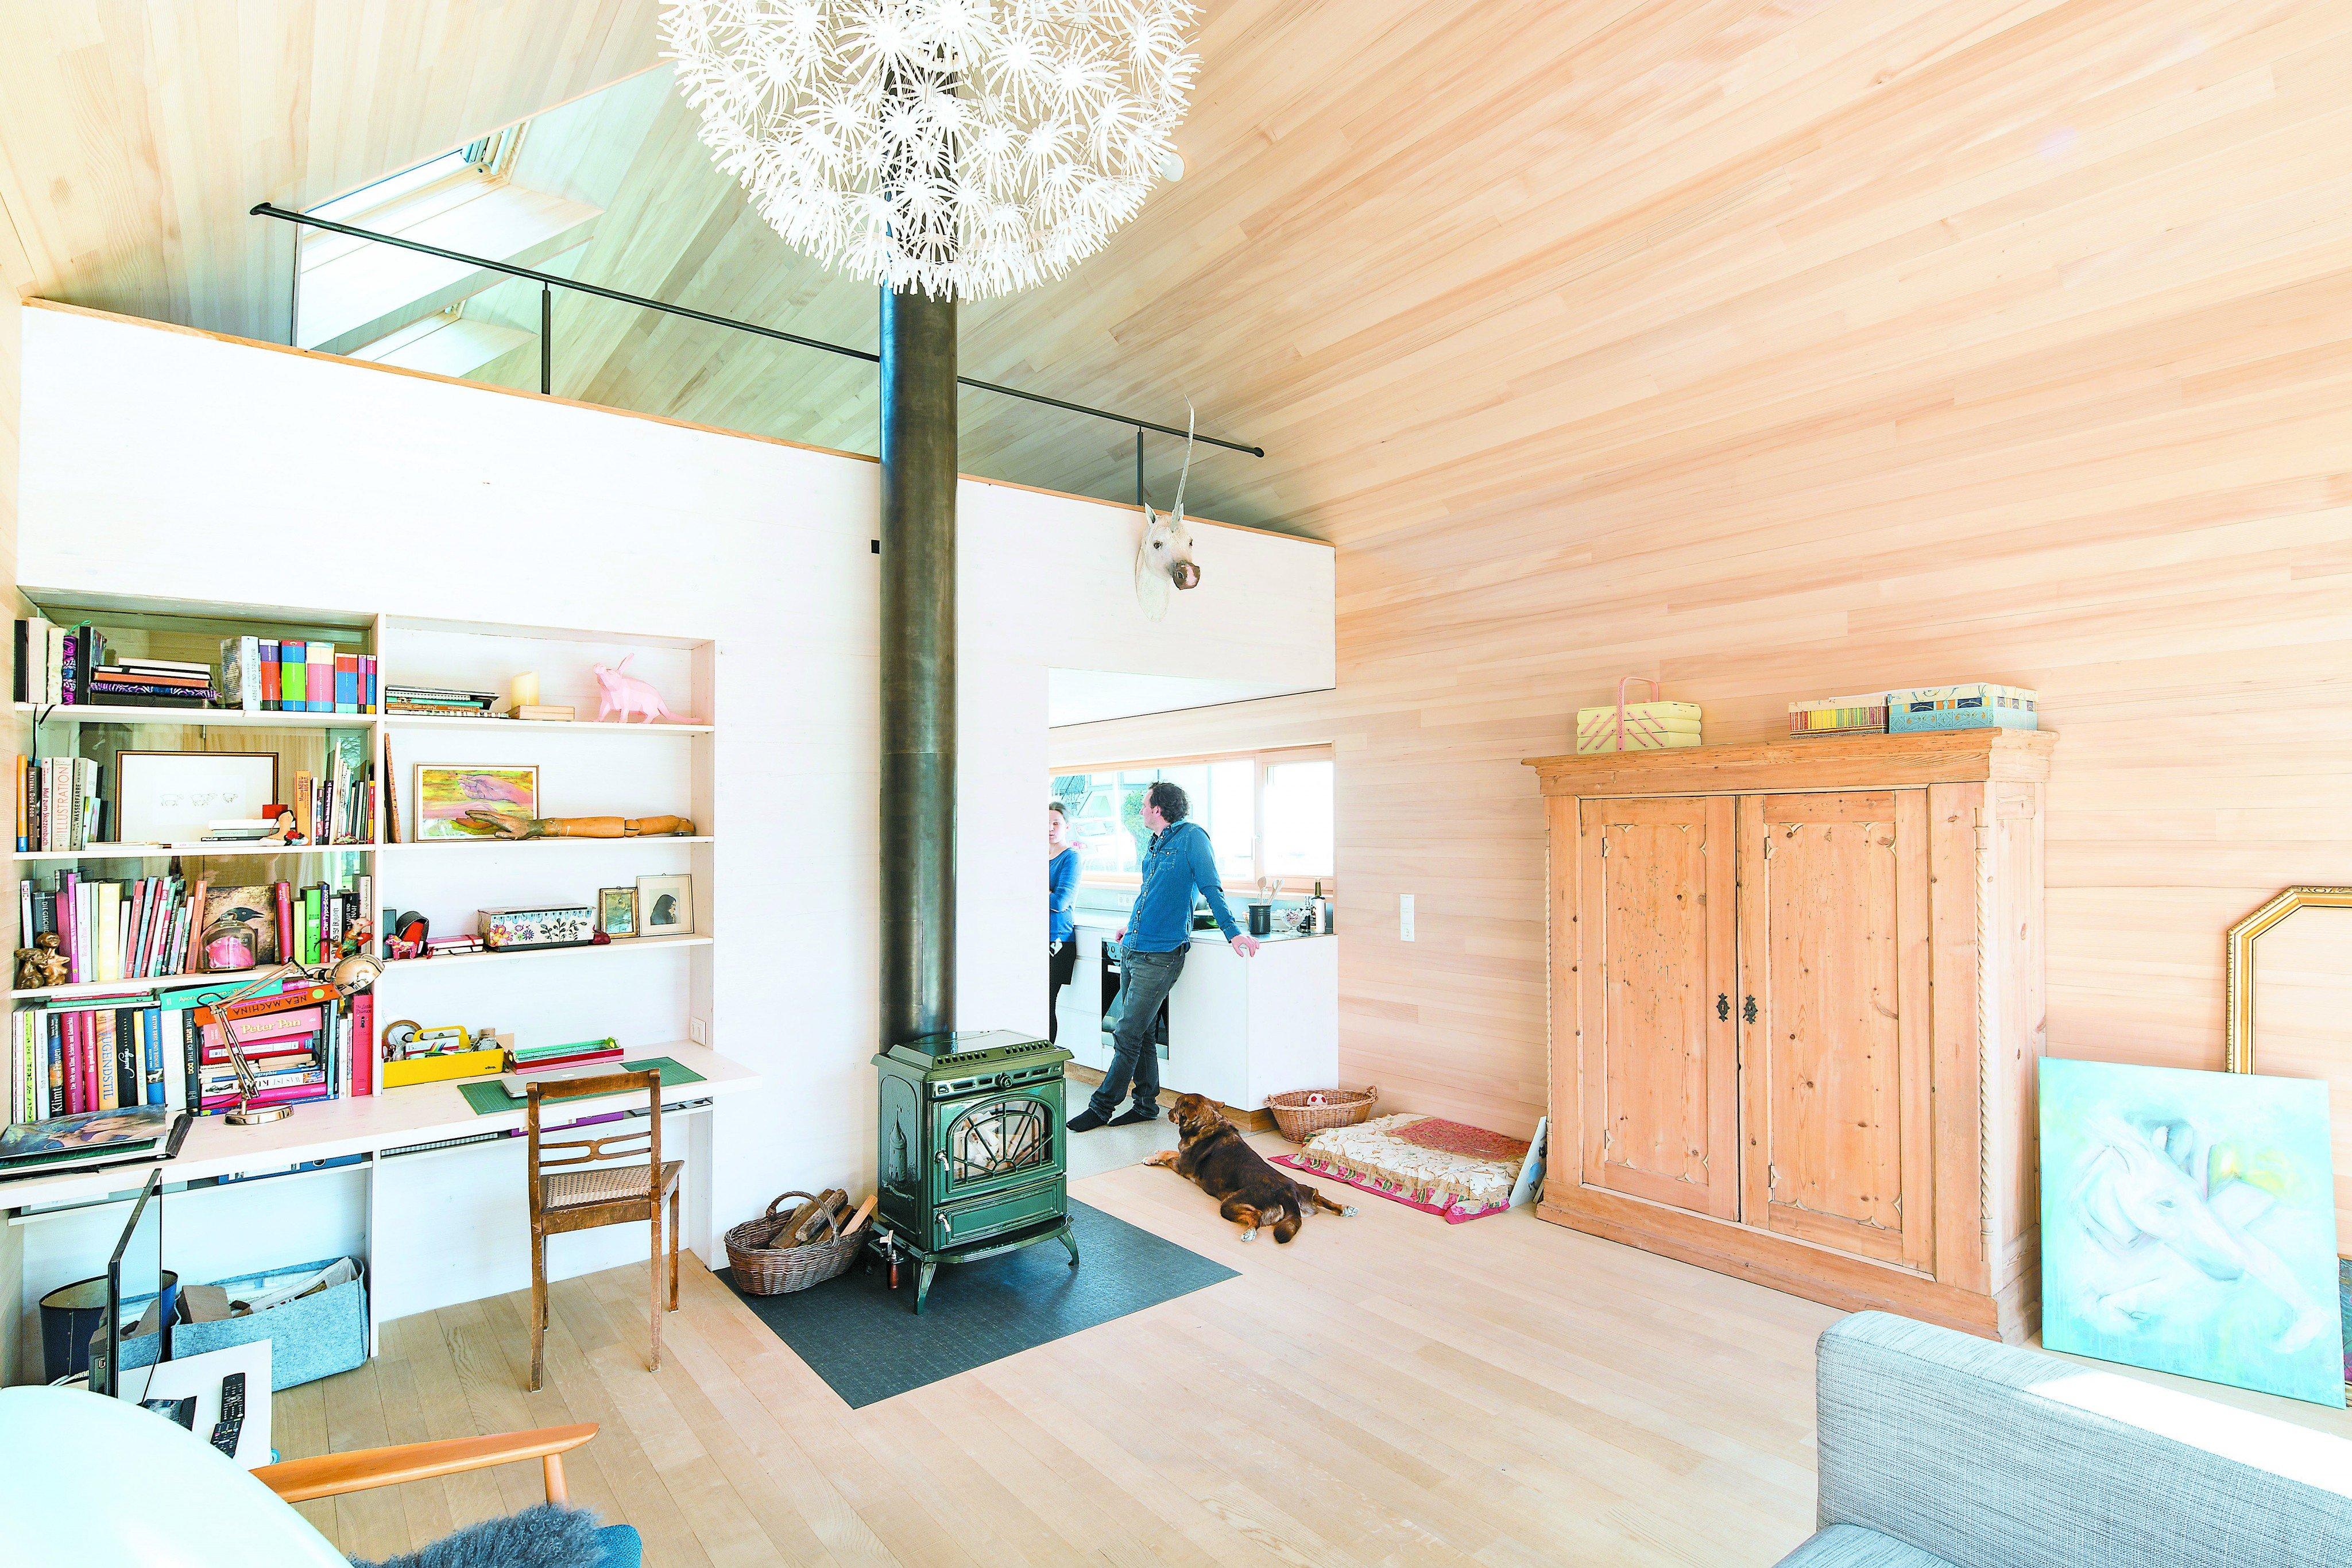 Wohnzimmerz: Kleines Holzhaus Bauen With Kleines Haus Minecraft ...